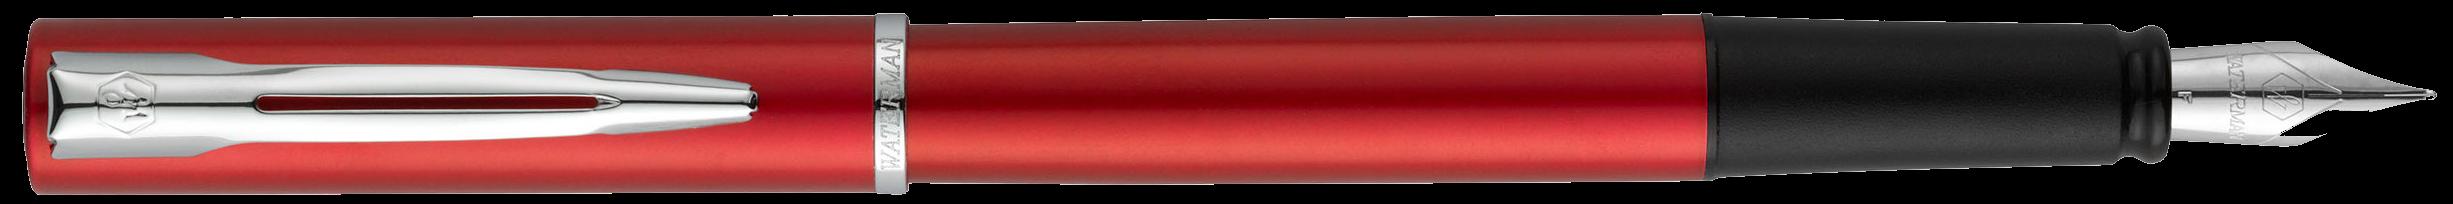 2068194 Waterman Graduate Перьевая ручка   ALLURE, цвет: красный, перо: F